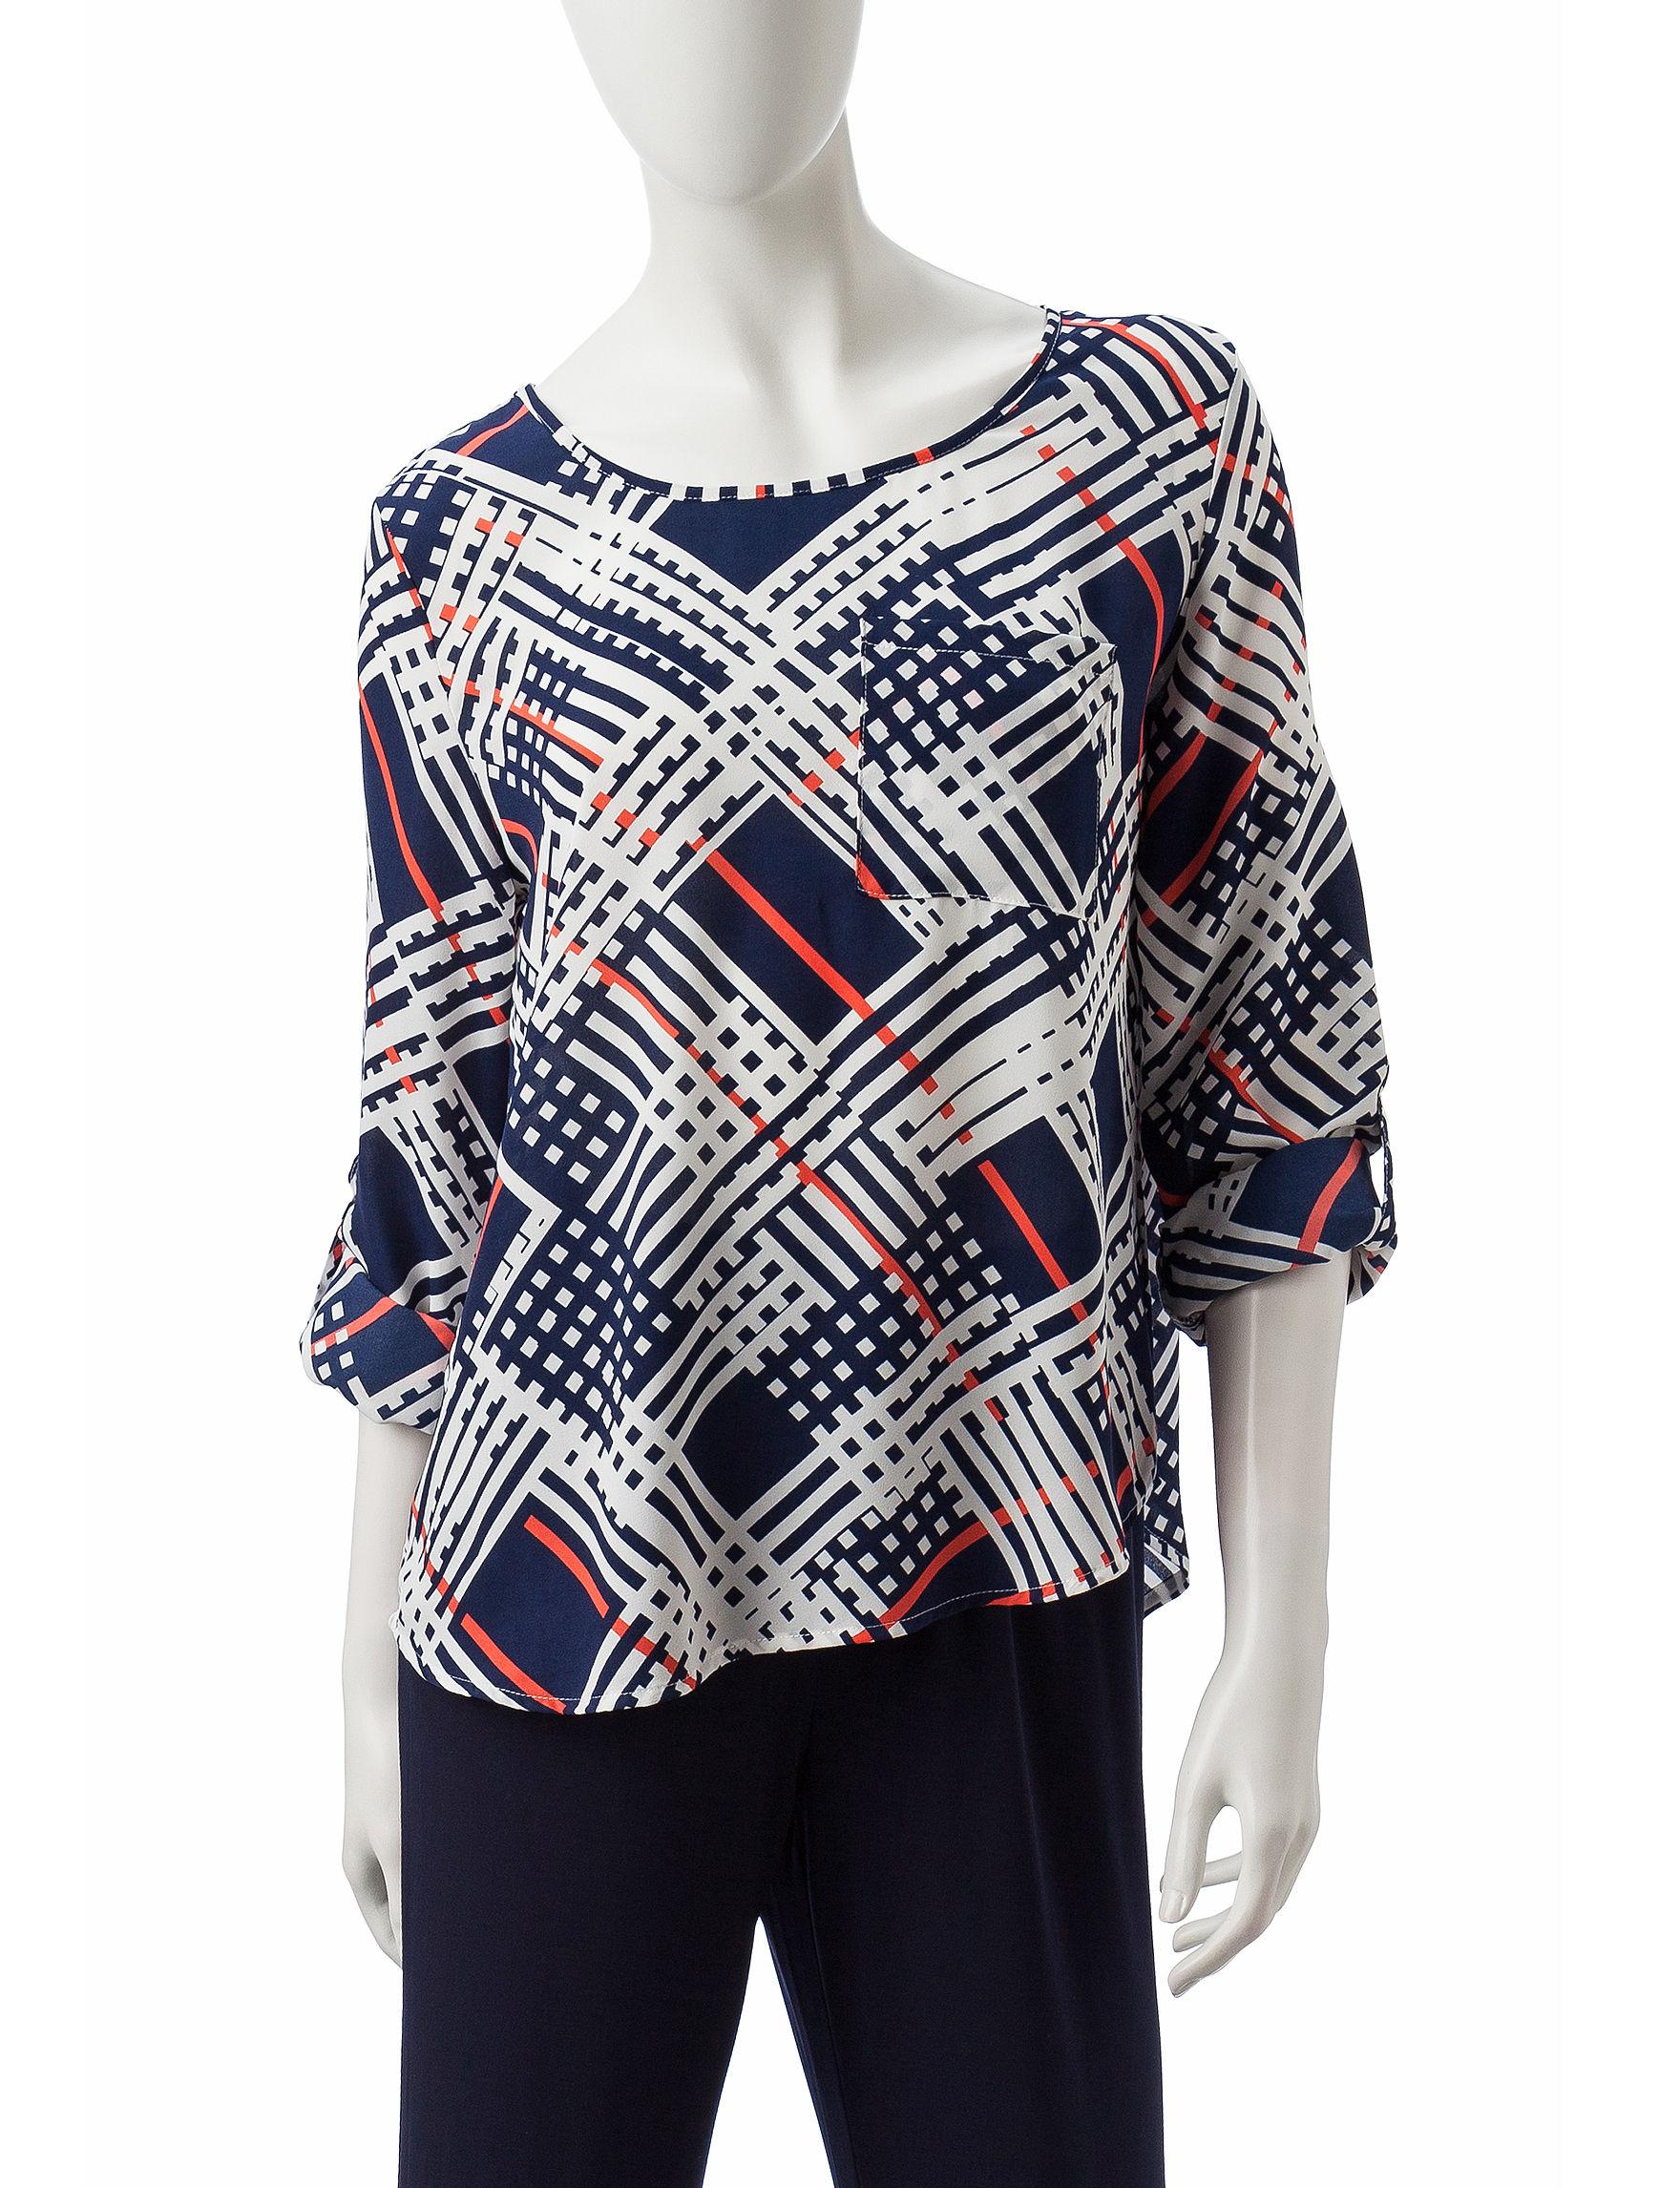 Valerie Stevens Blue / Multi Shirts & Blouses